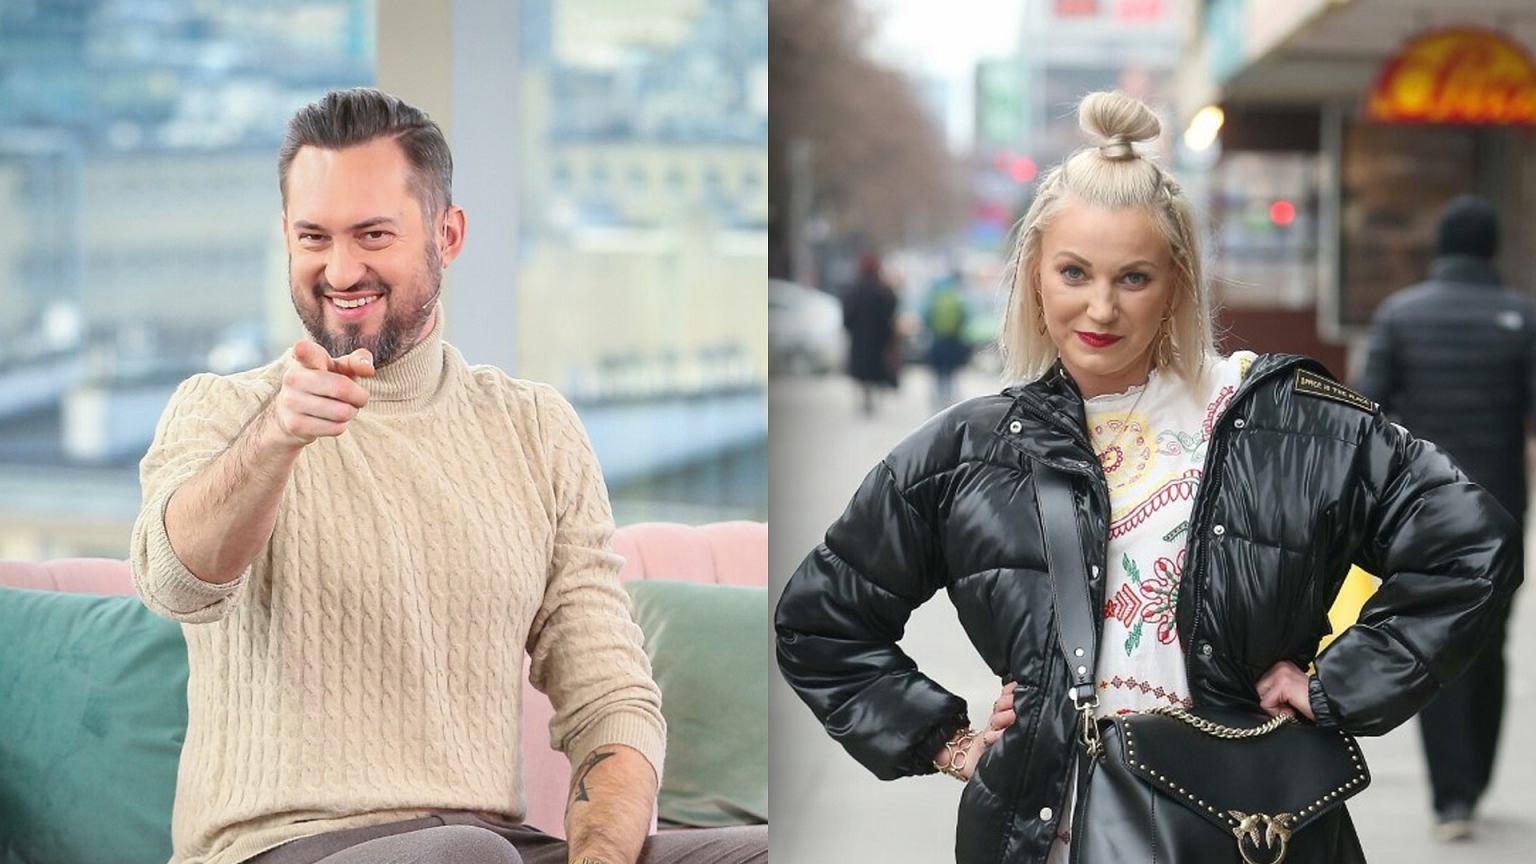 Marcin Prokop i Daria Ładocha podjęli rzucone im wyzwania i zatroszczyli się o swoją przyszłość.